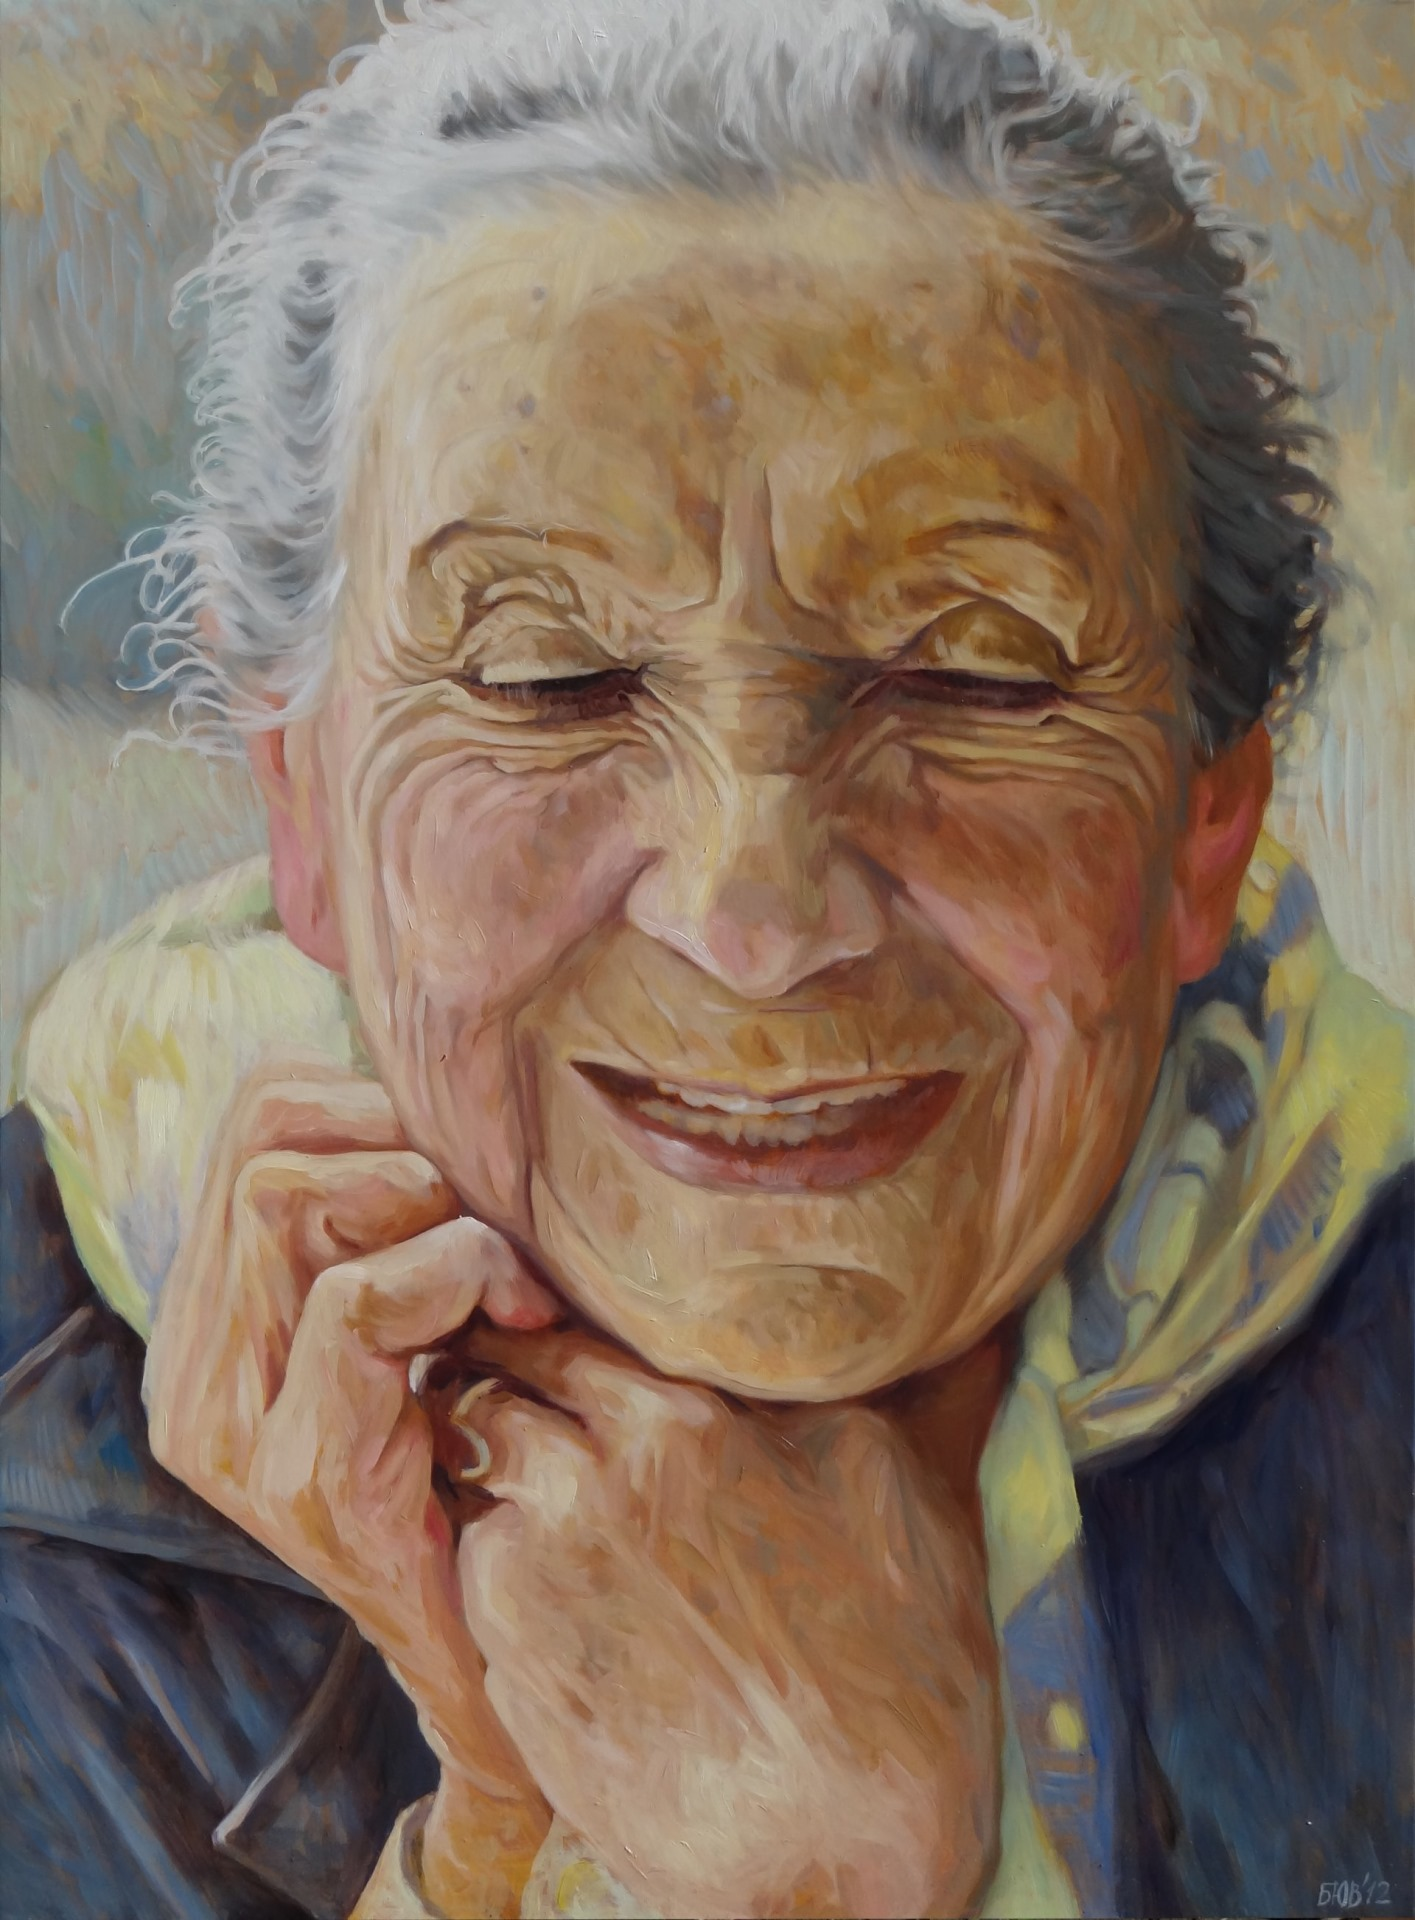 Gemälde von Julia Belot: Lucia Moholy, Öl auf Leinwand, 140 cm x 100 cm, 2012